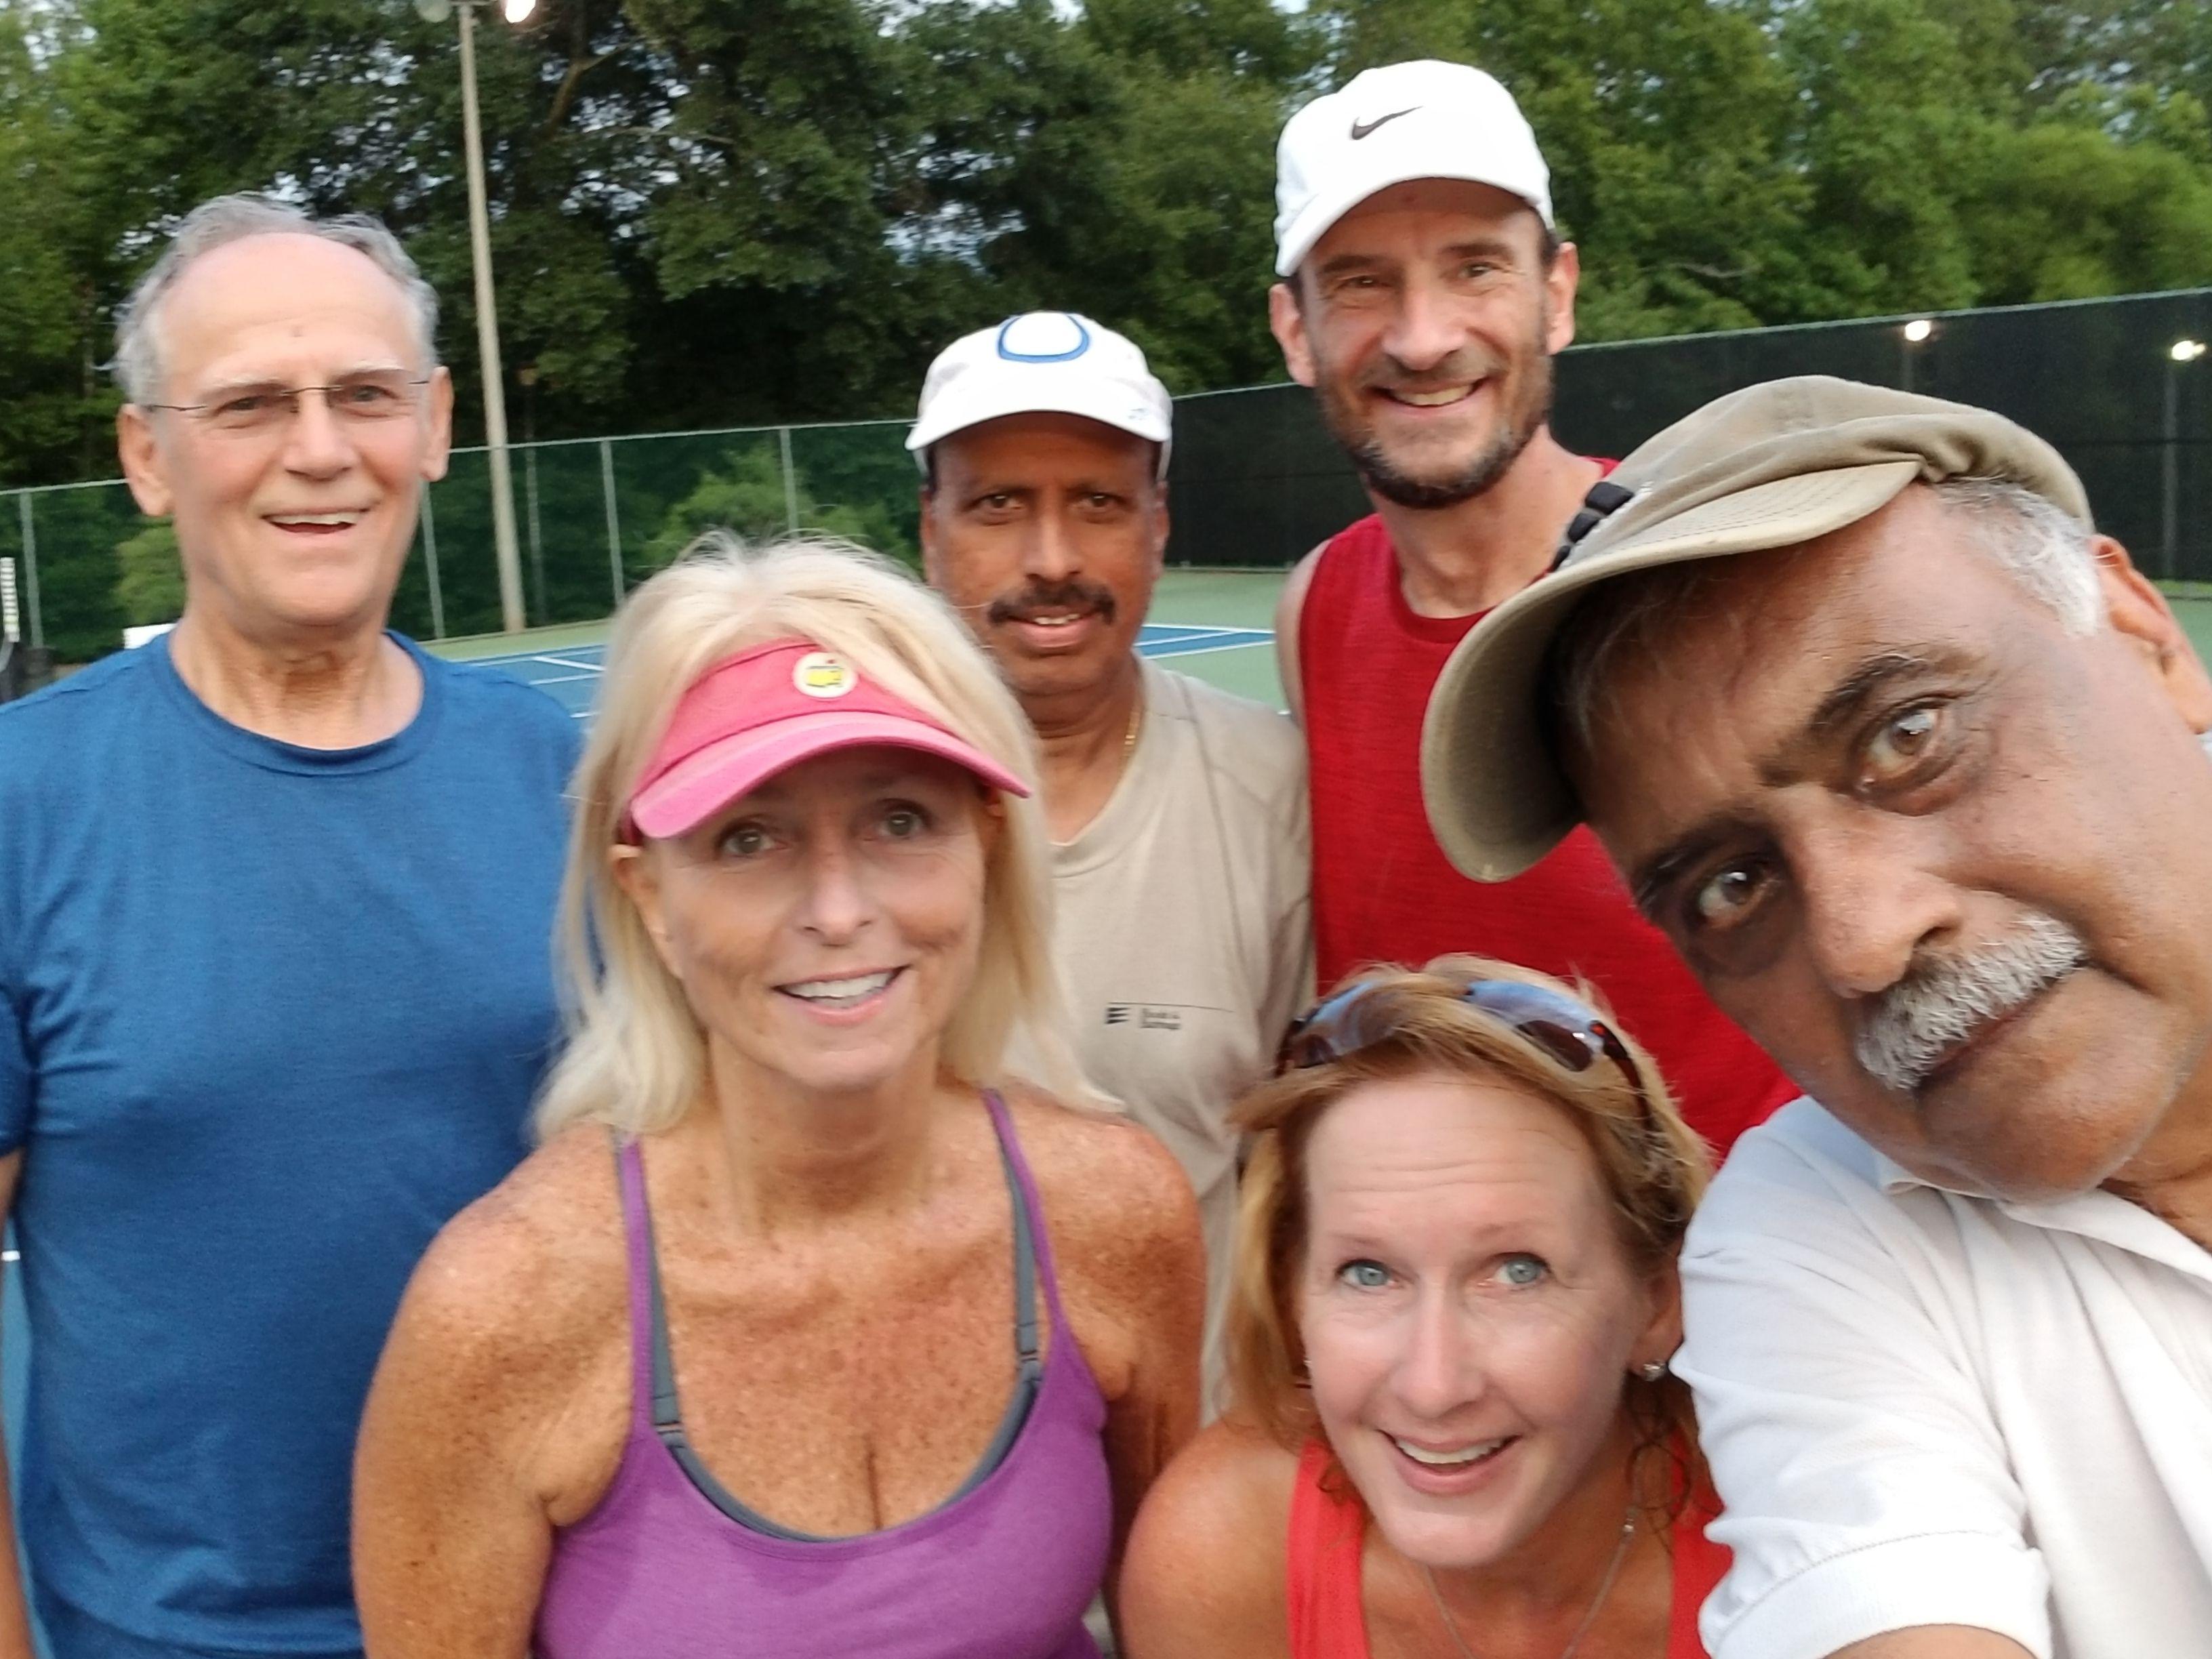 Roswell/Alpharetta Mixed Doubles Tennis - 3.5-4.0